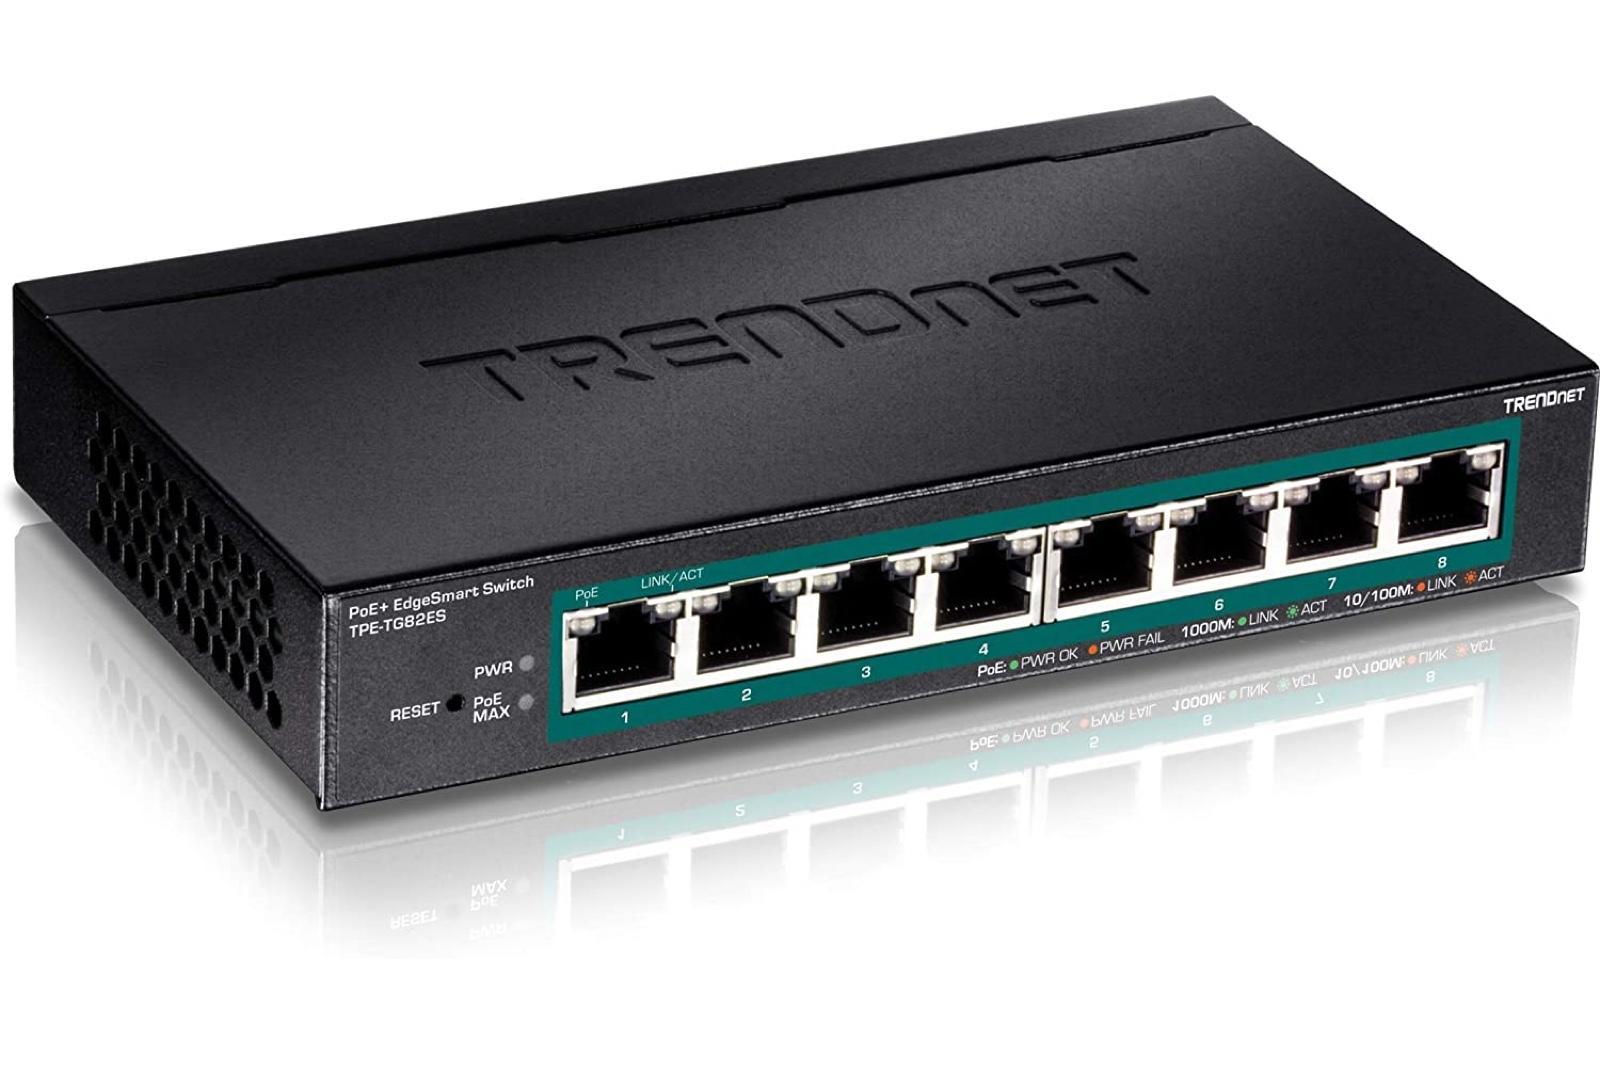 TRENDnet 8-Port Gigabit EdgeSmart PoE+ Switch